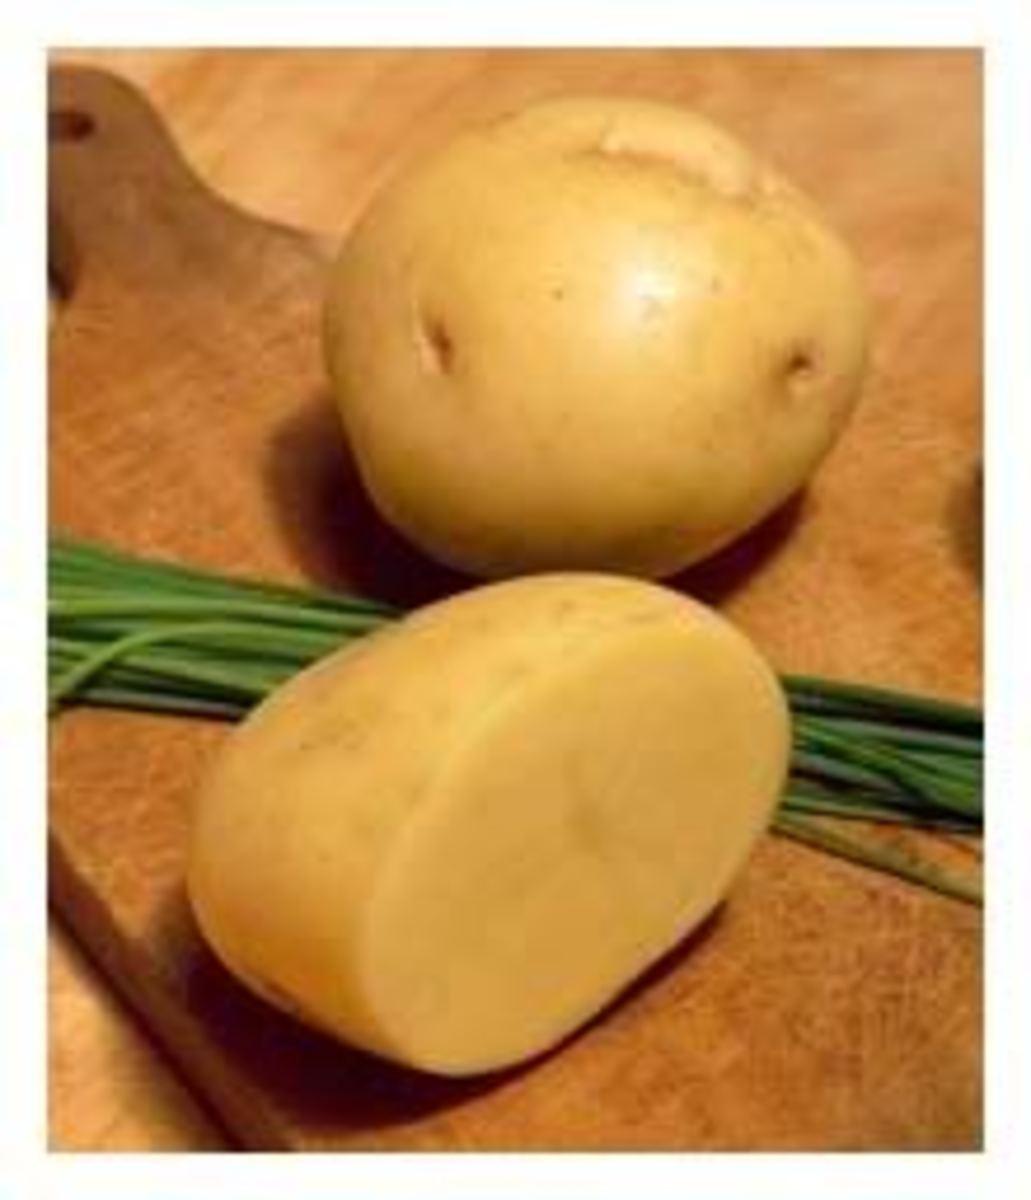 yellowpotato1